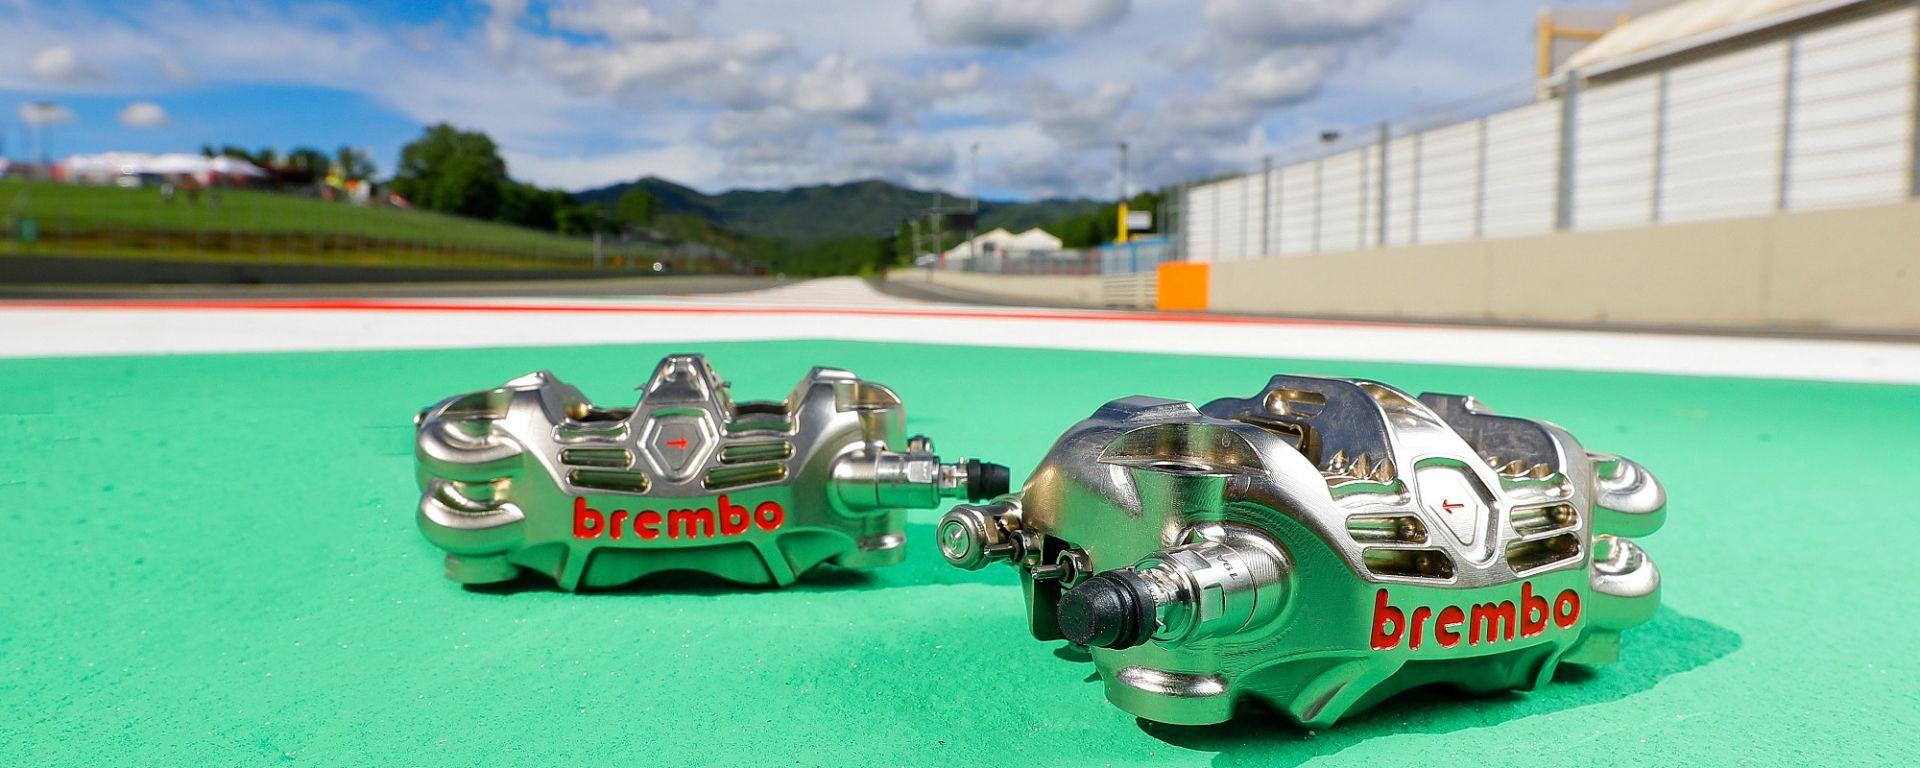 MotoGP, freni Brembo